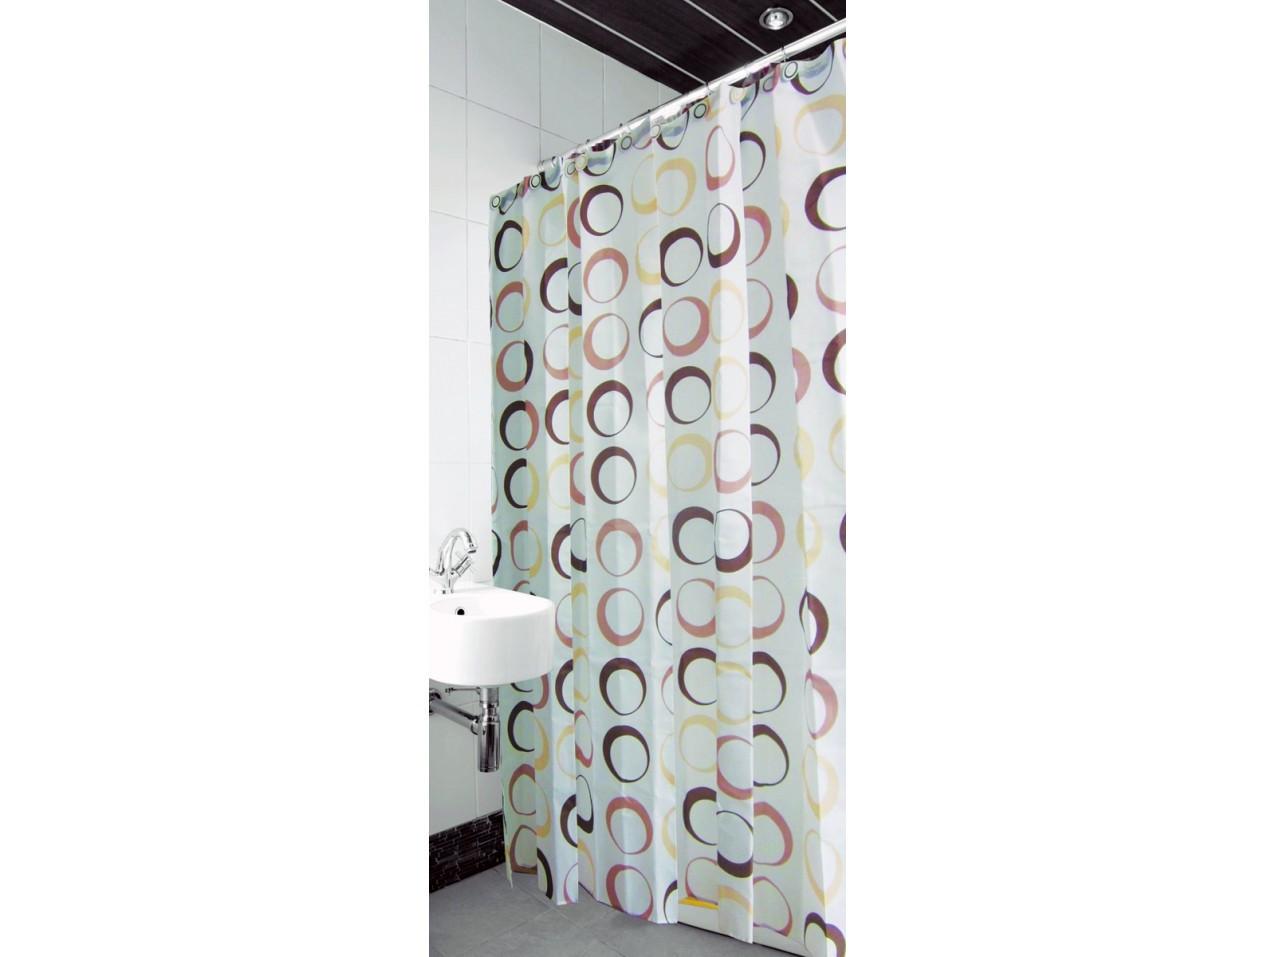 Шторка для ванной и душа Arya Round 180*180 см арт.1352009